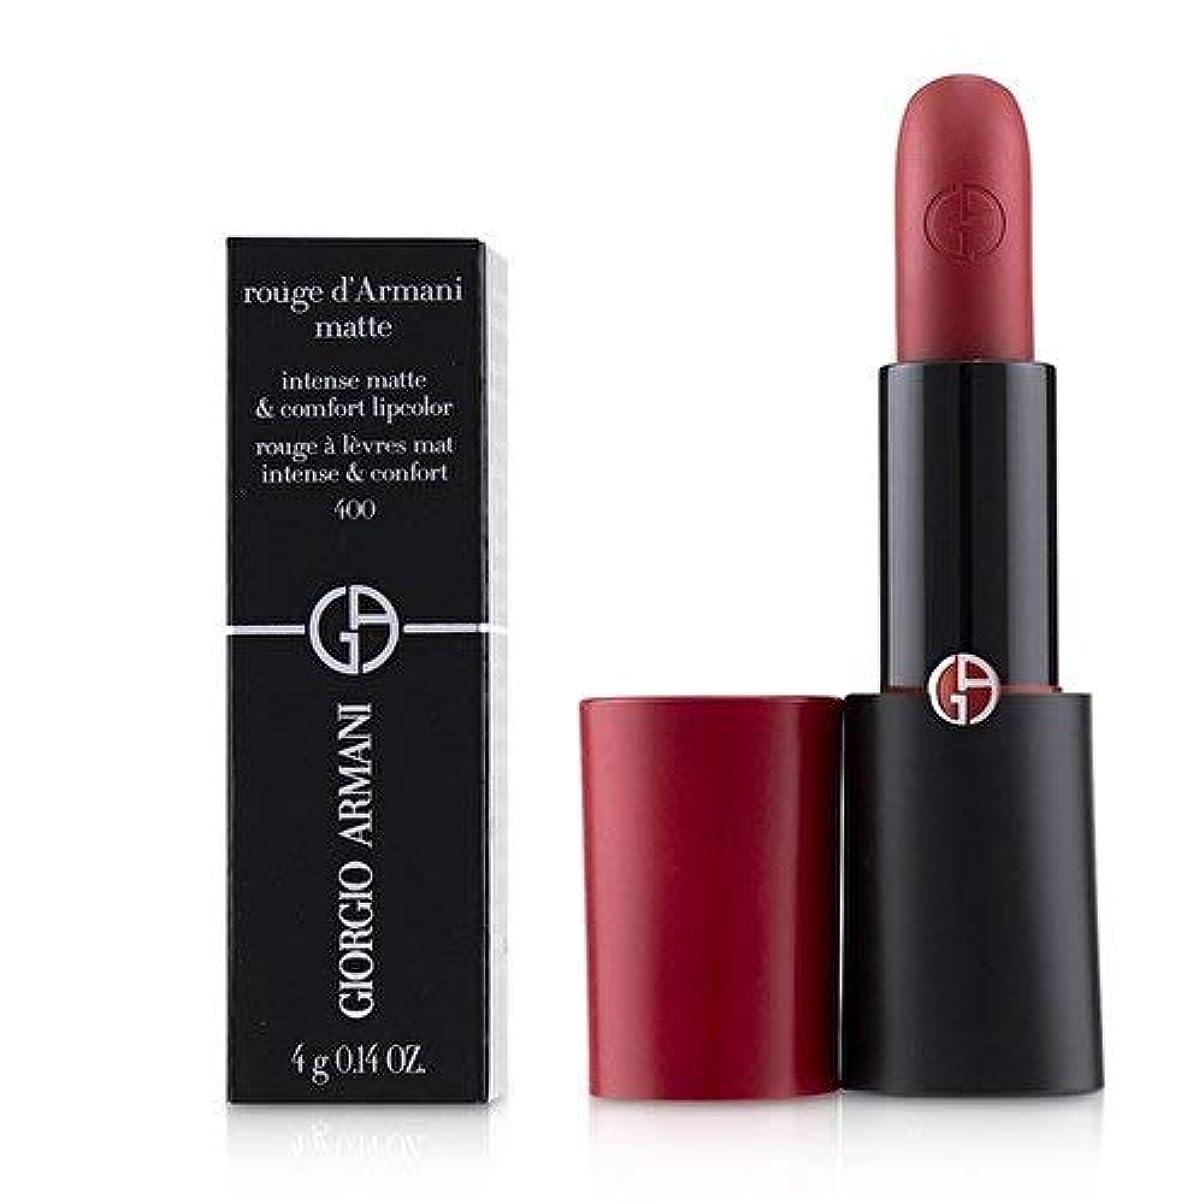 エントリ通行人鈍いジョルジオアルマーニ Rouge D'Armani Matte Intense Matte & Comfort Lipcolor - # 400 Four Hundred 4g/0.14oz並行輸入品